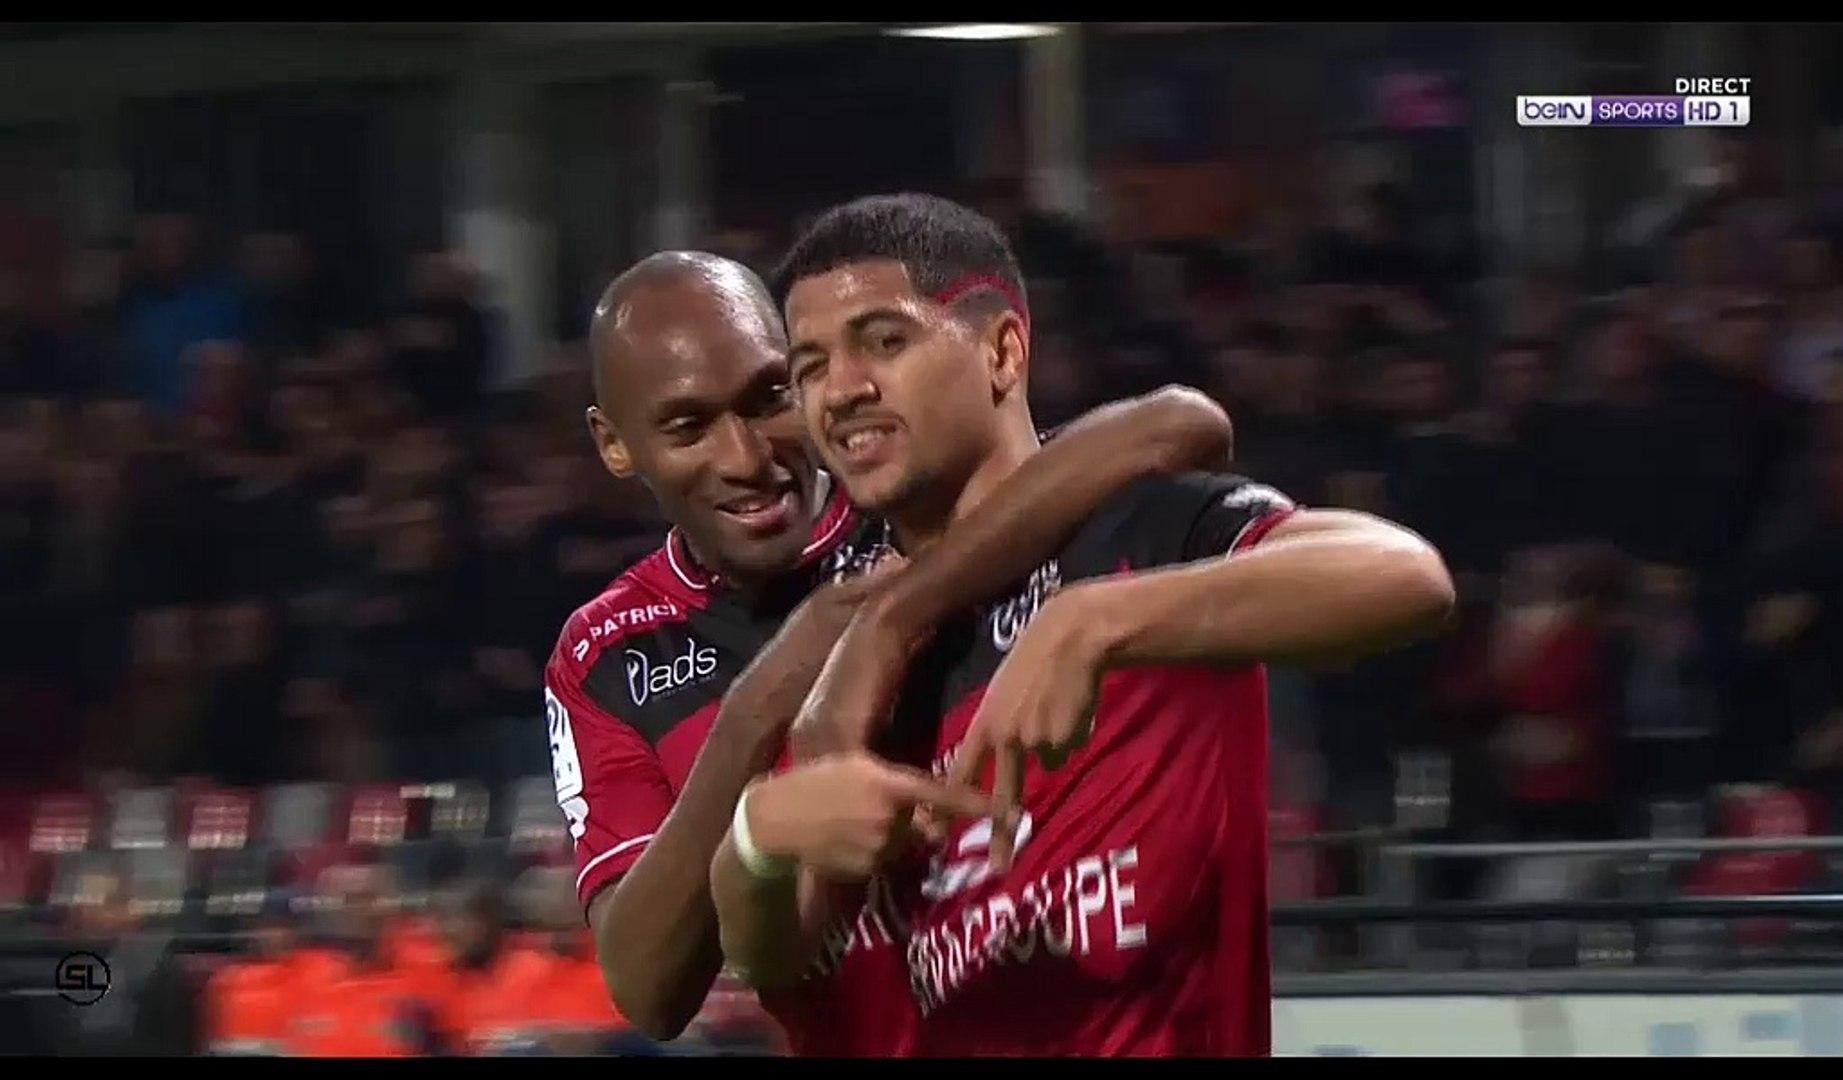 Ludovic Blas Goal HD - Guingamp 4-0 Bastia - 11.03.2017